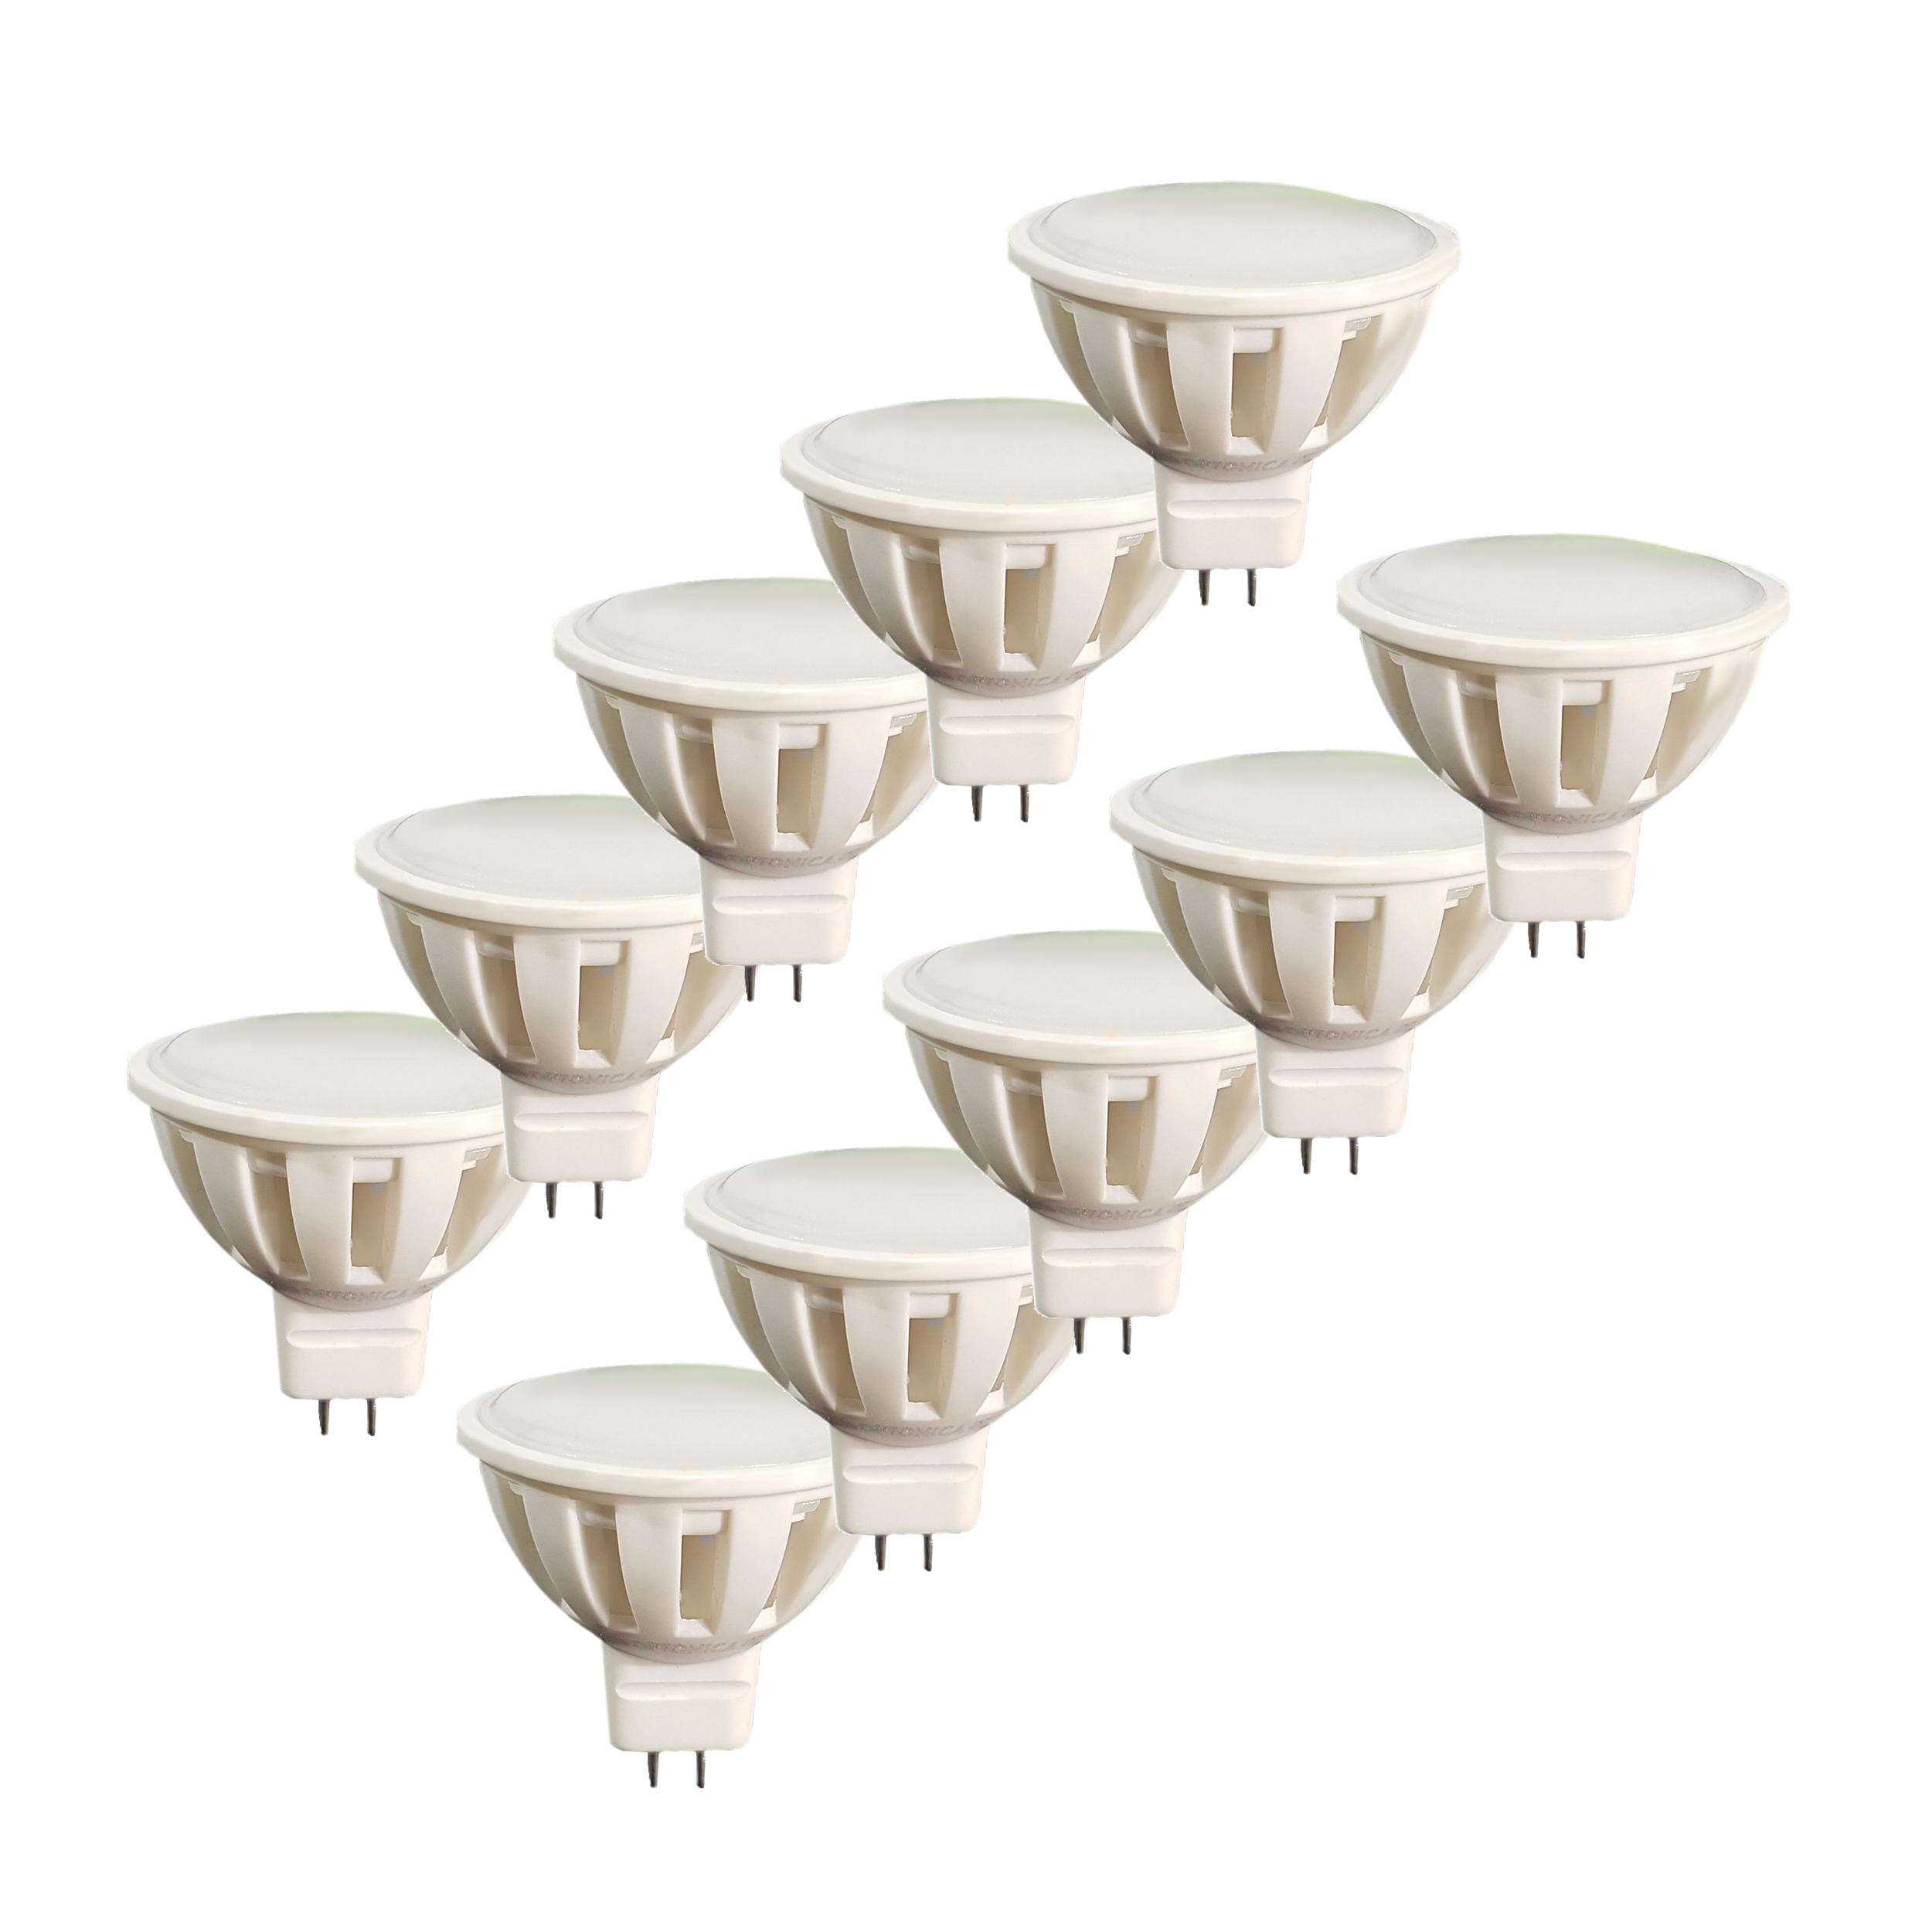 لامپ ال ای دی 5 وات کاربیست مدل ECO 5 بسته 10 عددی